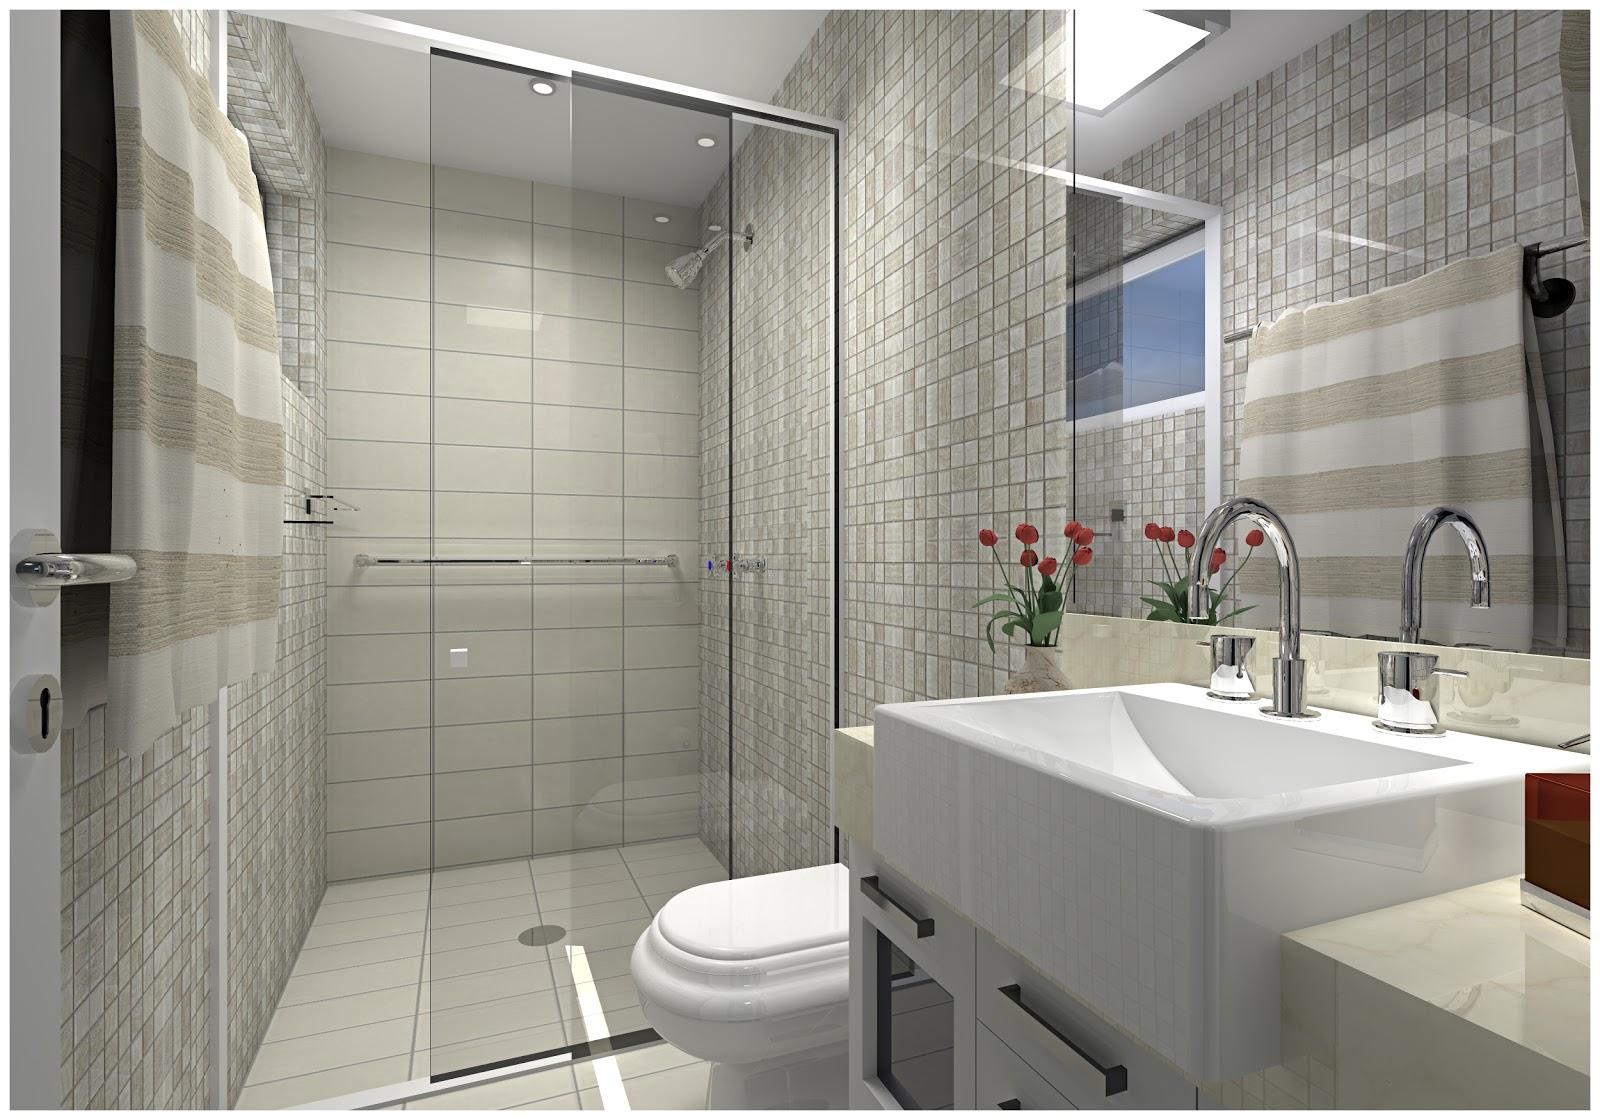 19 Modelos para Decoração de Banheiro social -> Decoracao De Banheiro Com Vaso Cinza